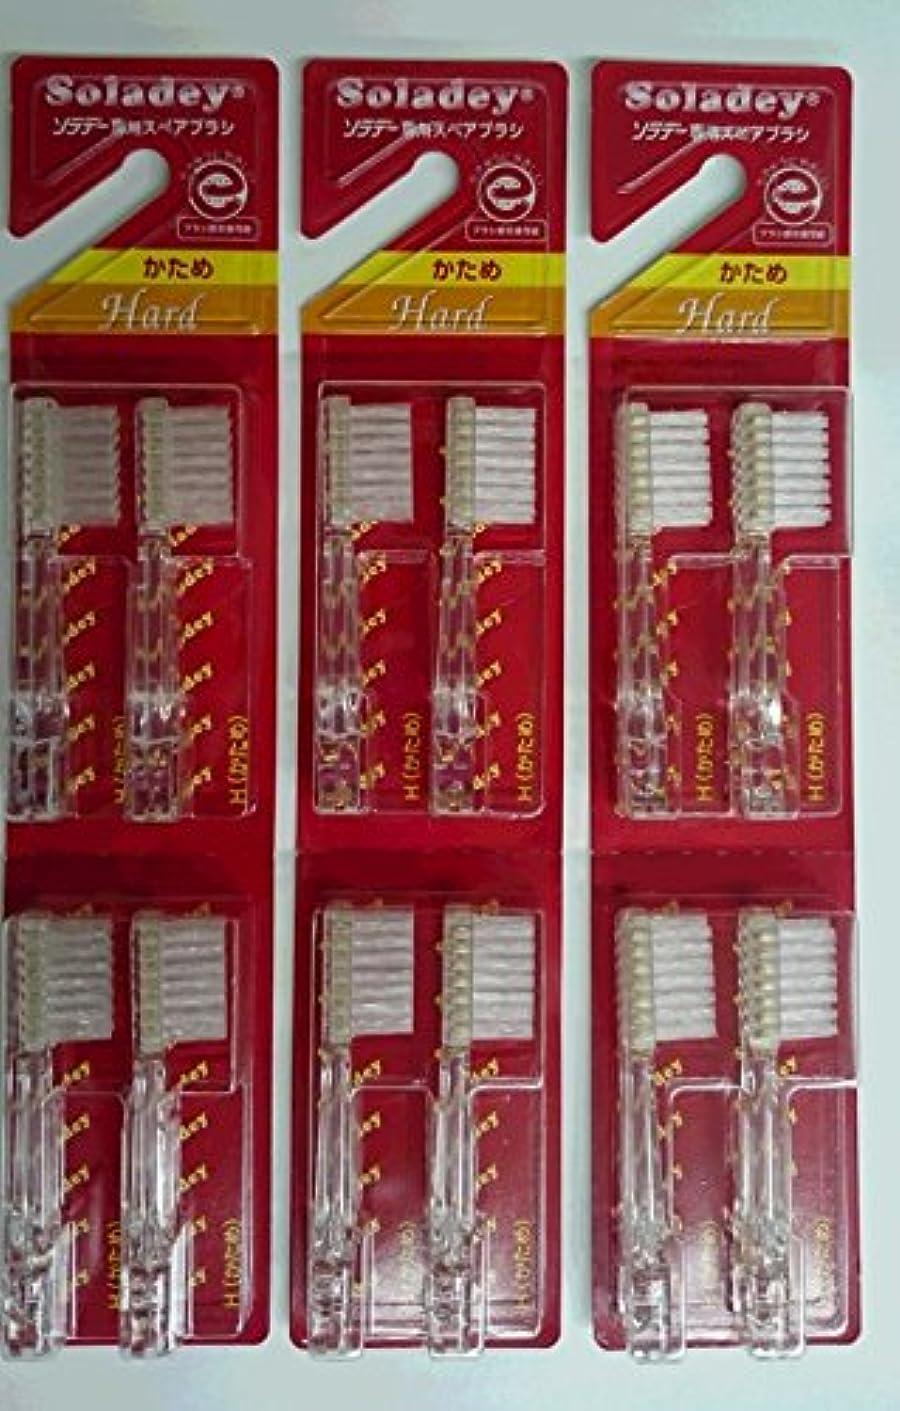 それぞれアンプ蒸気ソラデー3 スペアブラシ かため 4本入り×3セット(計12本)